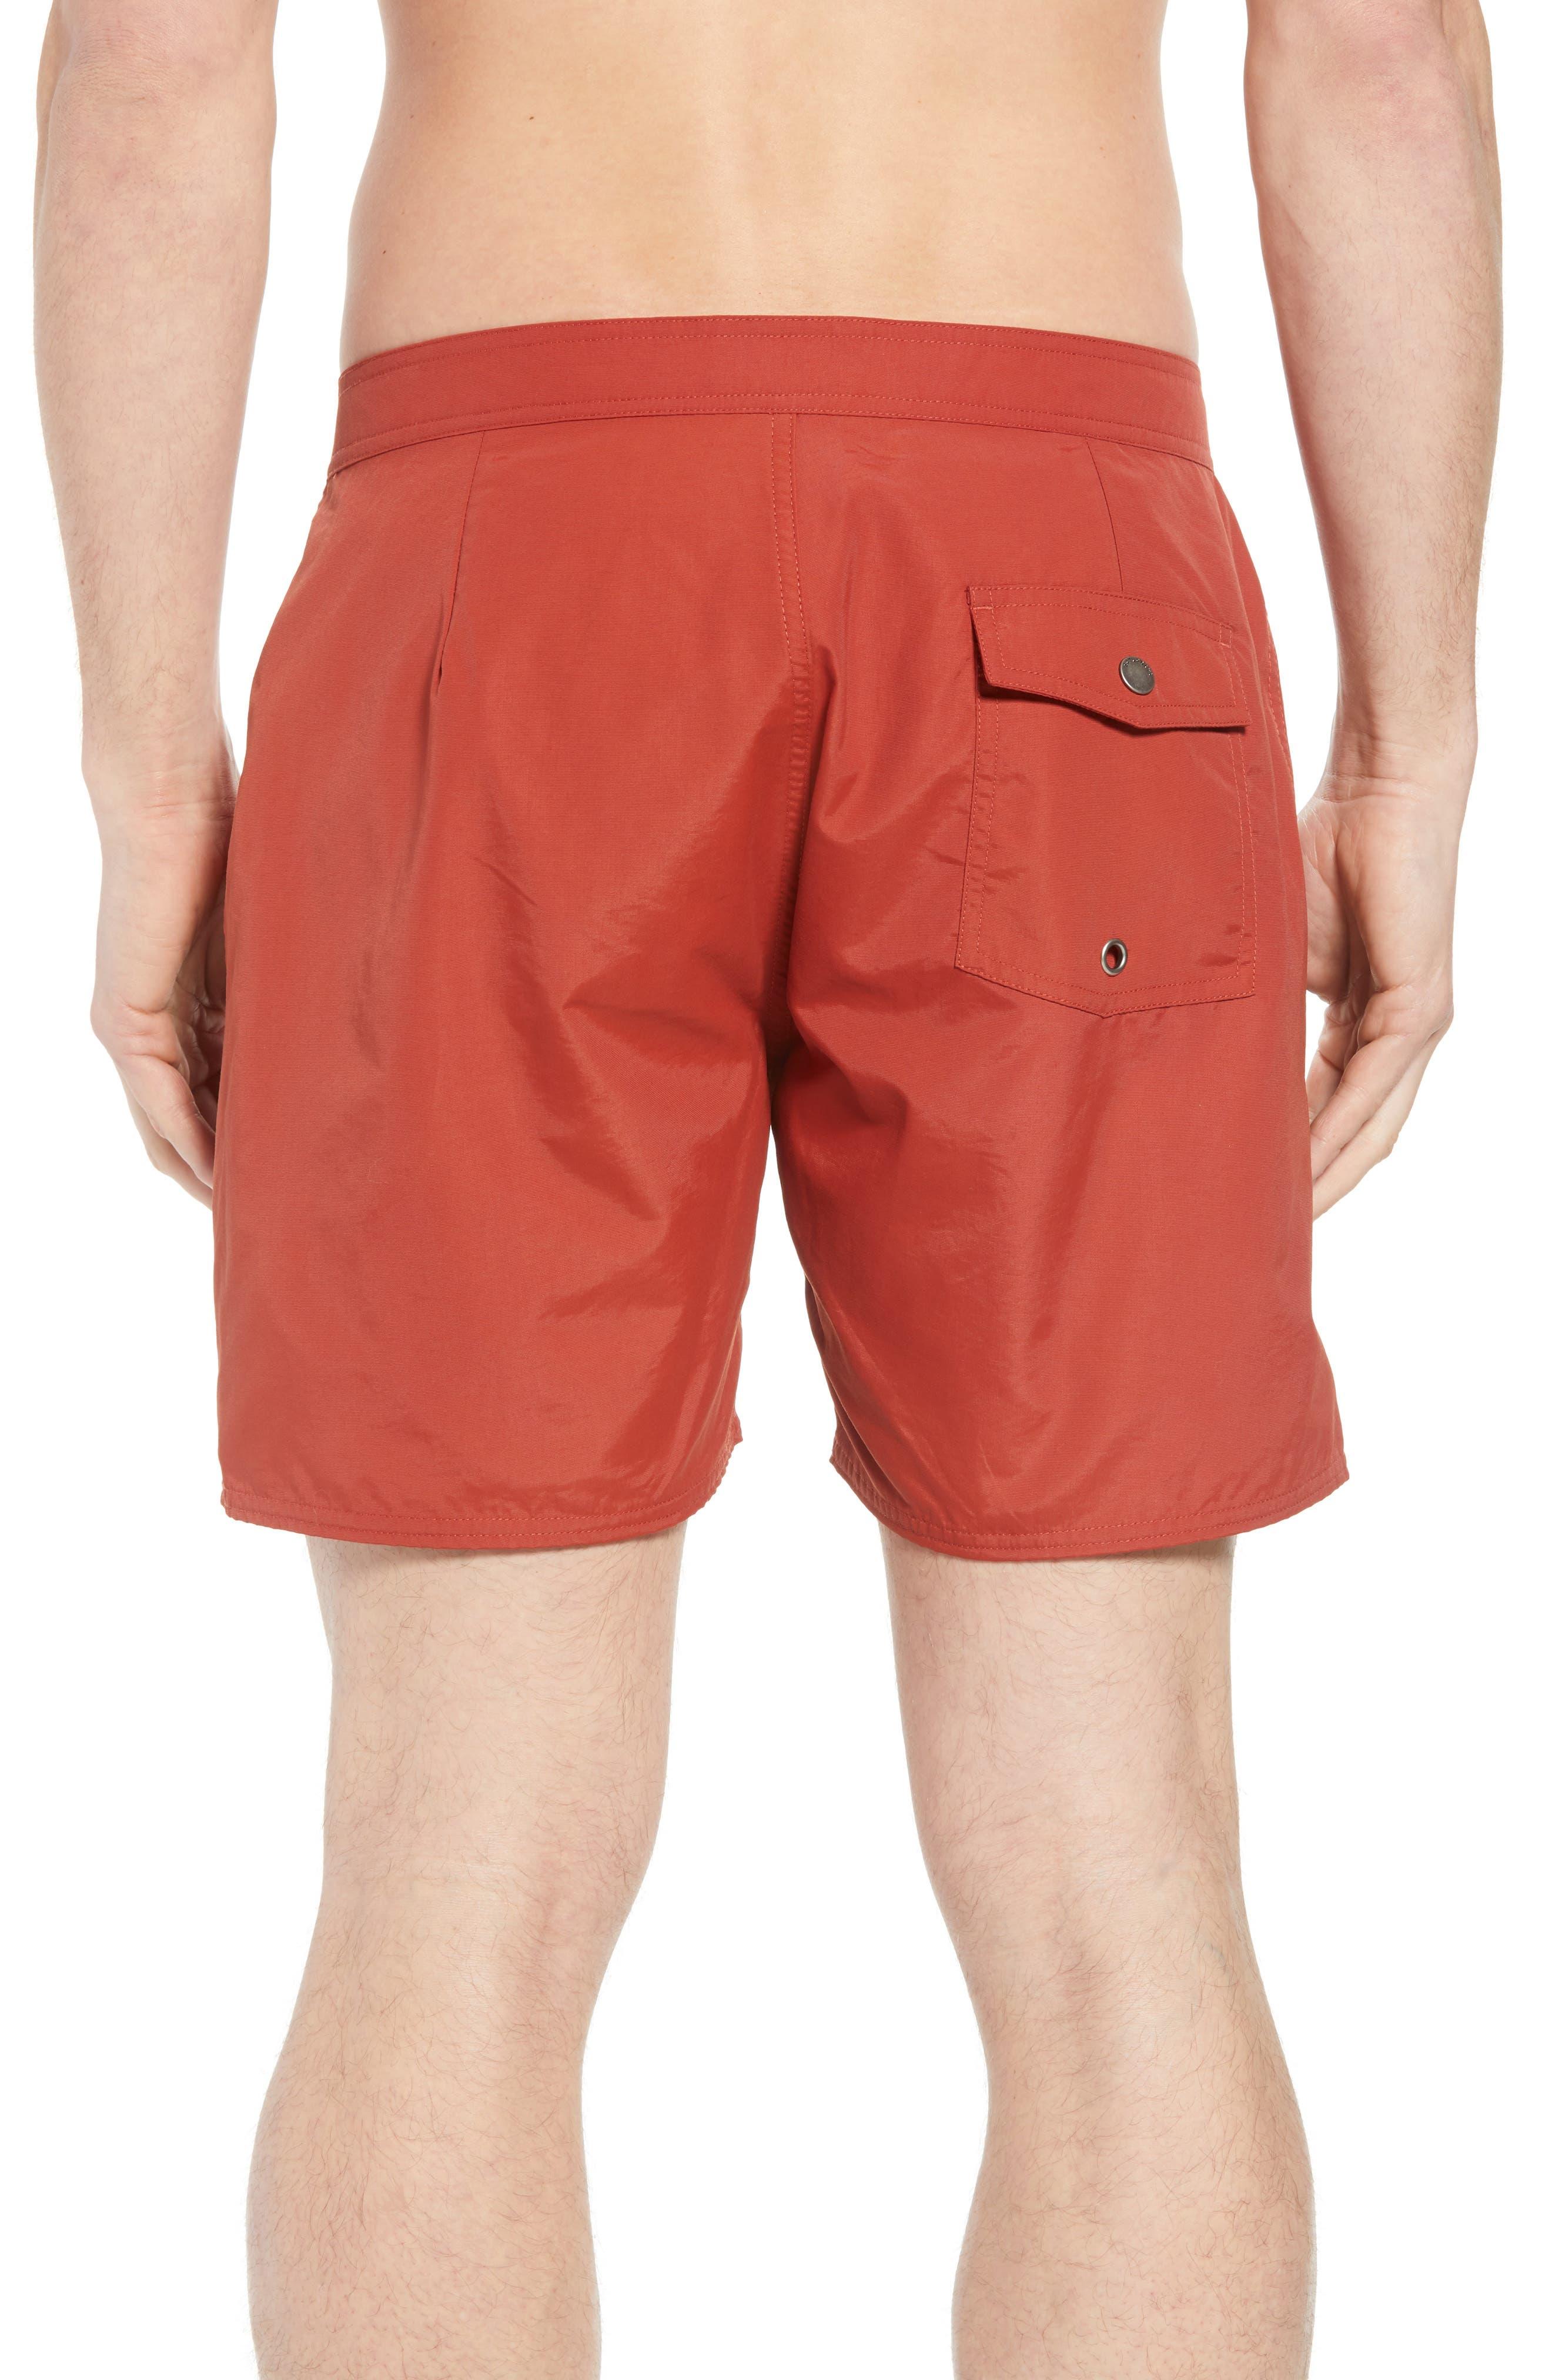 Colin Board Shorts,                             Alternate thumbnail 2, color,                             Brick